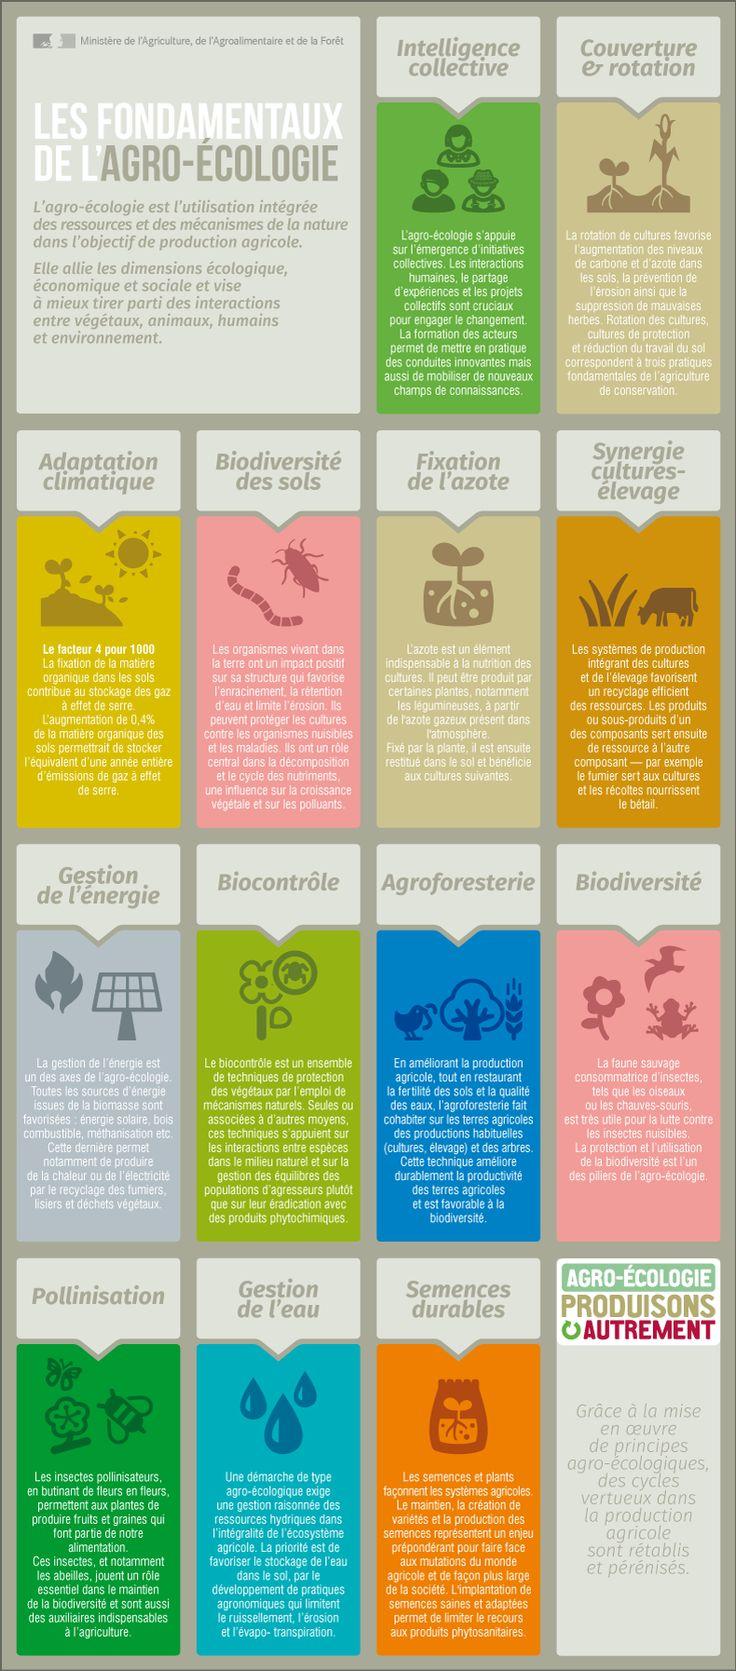 Infographie - Les fondamentaux de l'agro-écologie | Minagri